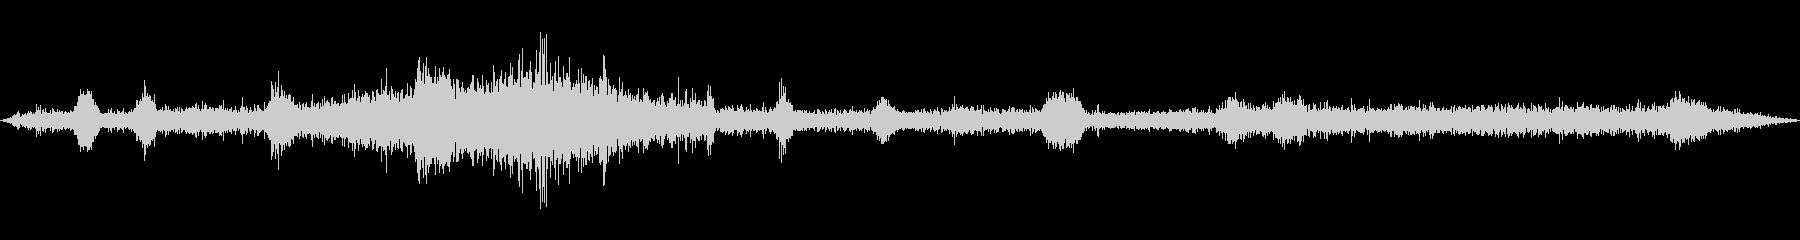 トランジスタラジオ:AM BAND...の未再生の波形